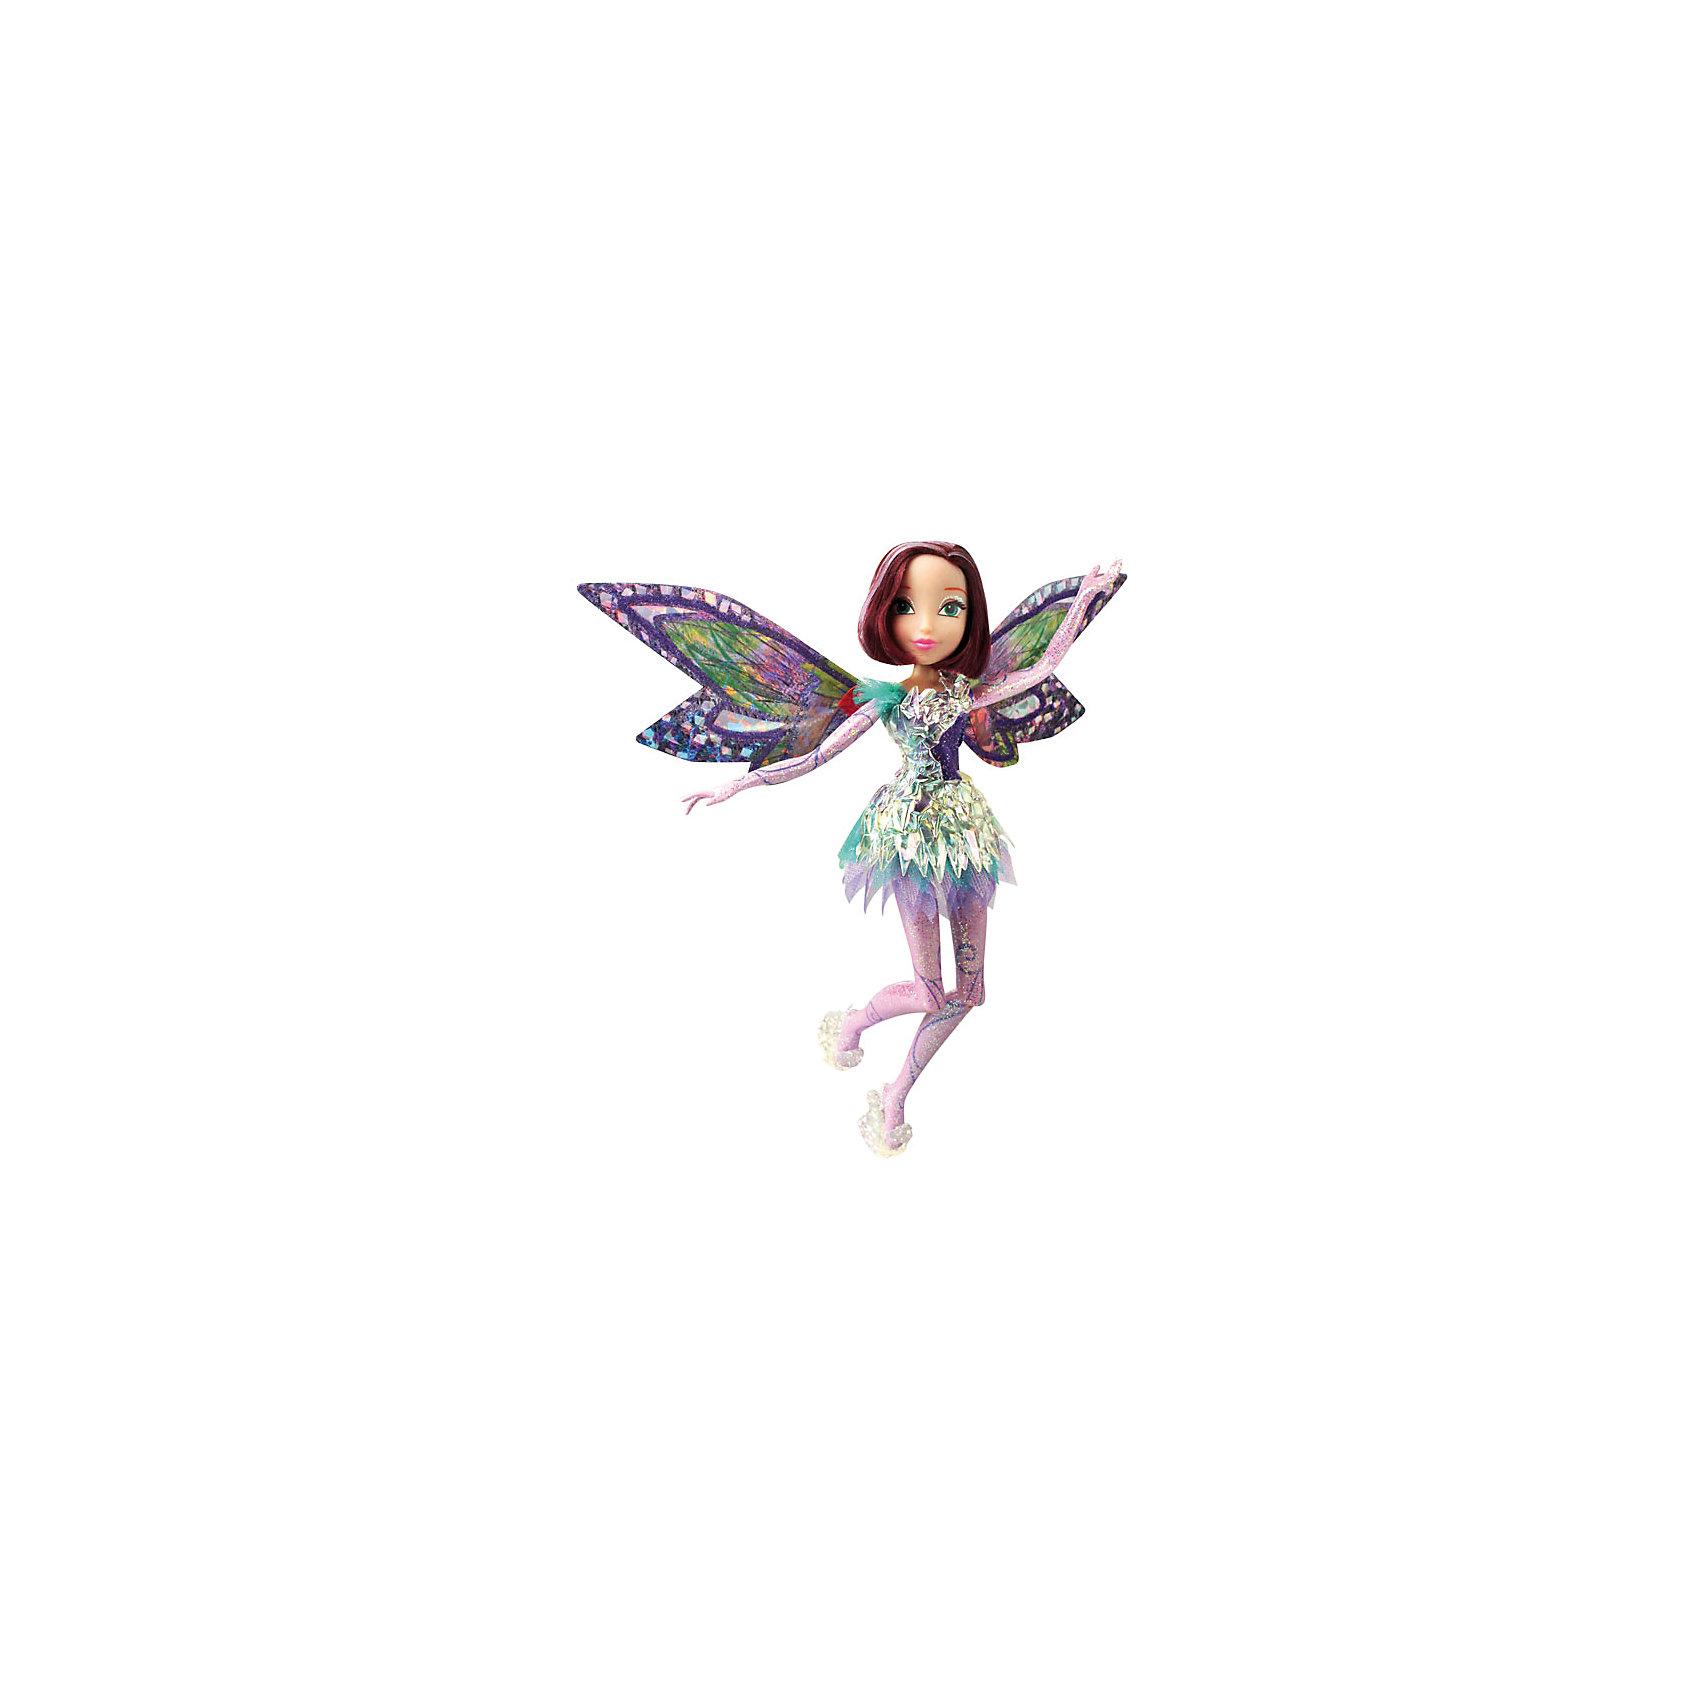 Кукла Техна, Тайникс, Winx ClubХарактеристики товара:<br><br>- цвет: разноцветный;<br>- материал: пластик, текстиль;<br>- особенности: руки и ноги сгибаются;<br>- размер упаковки: 25х36х6 см;<br>- размер куклы: 28 см.<br><br>Такие красивые куклы не оставят ребенка равнодушным! Какая девочка откажется поиграть с куклой Winx ?! Игрушка отлично детализирована, очень качественно выполнена, поэтому она станет отличным подарком ребенку. В наборе идут одежда и аксессуары, которыми можно украсить куклу!<br>Изделие произведено из высококачественного материала, безопасного для детей.<br><br>Куклу Техна, Тайникс, от бренда Winx Club можно купить в нашем интернет-магазине.<br><br>Ширина мм: 60<br>Глубина мм: 250<br>Высота мм: 360<br>Вес г: 425<br>Возраст от месяцев: 36<br>Возраст до месяцев: 2147483647<br>Пол: Женский<br>Возраст: Детский<br>SKU: 5047562